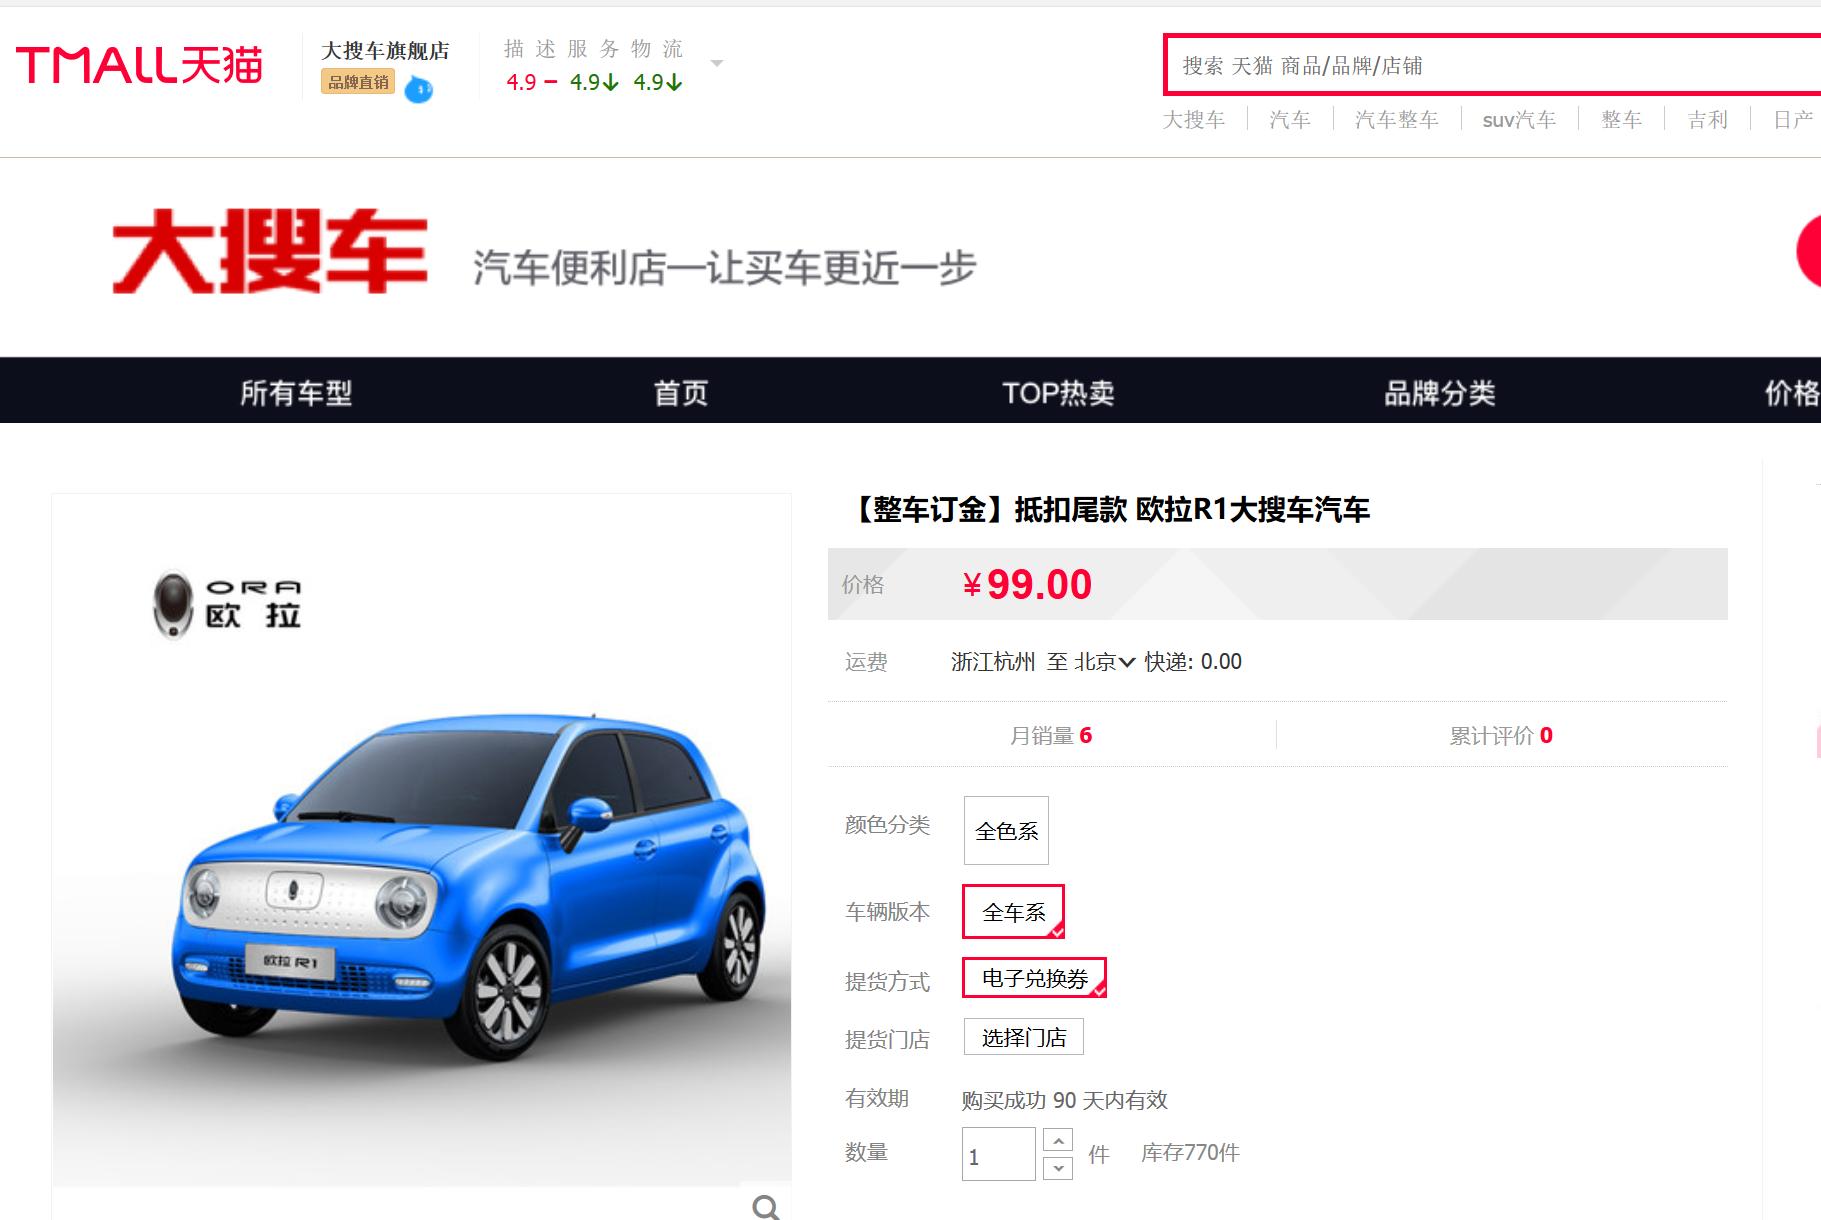 欧拉R1今日开启预售 将于12月18日公布售价